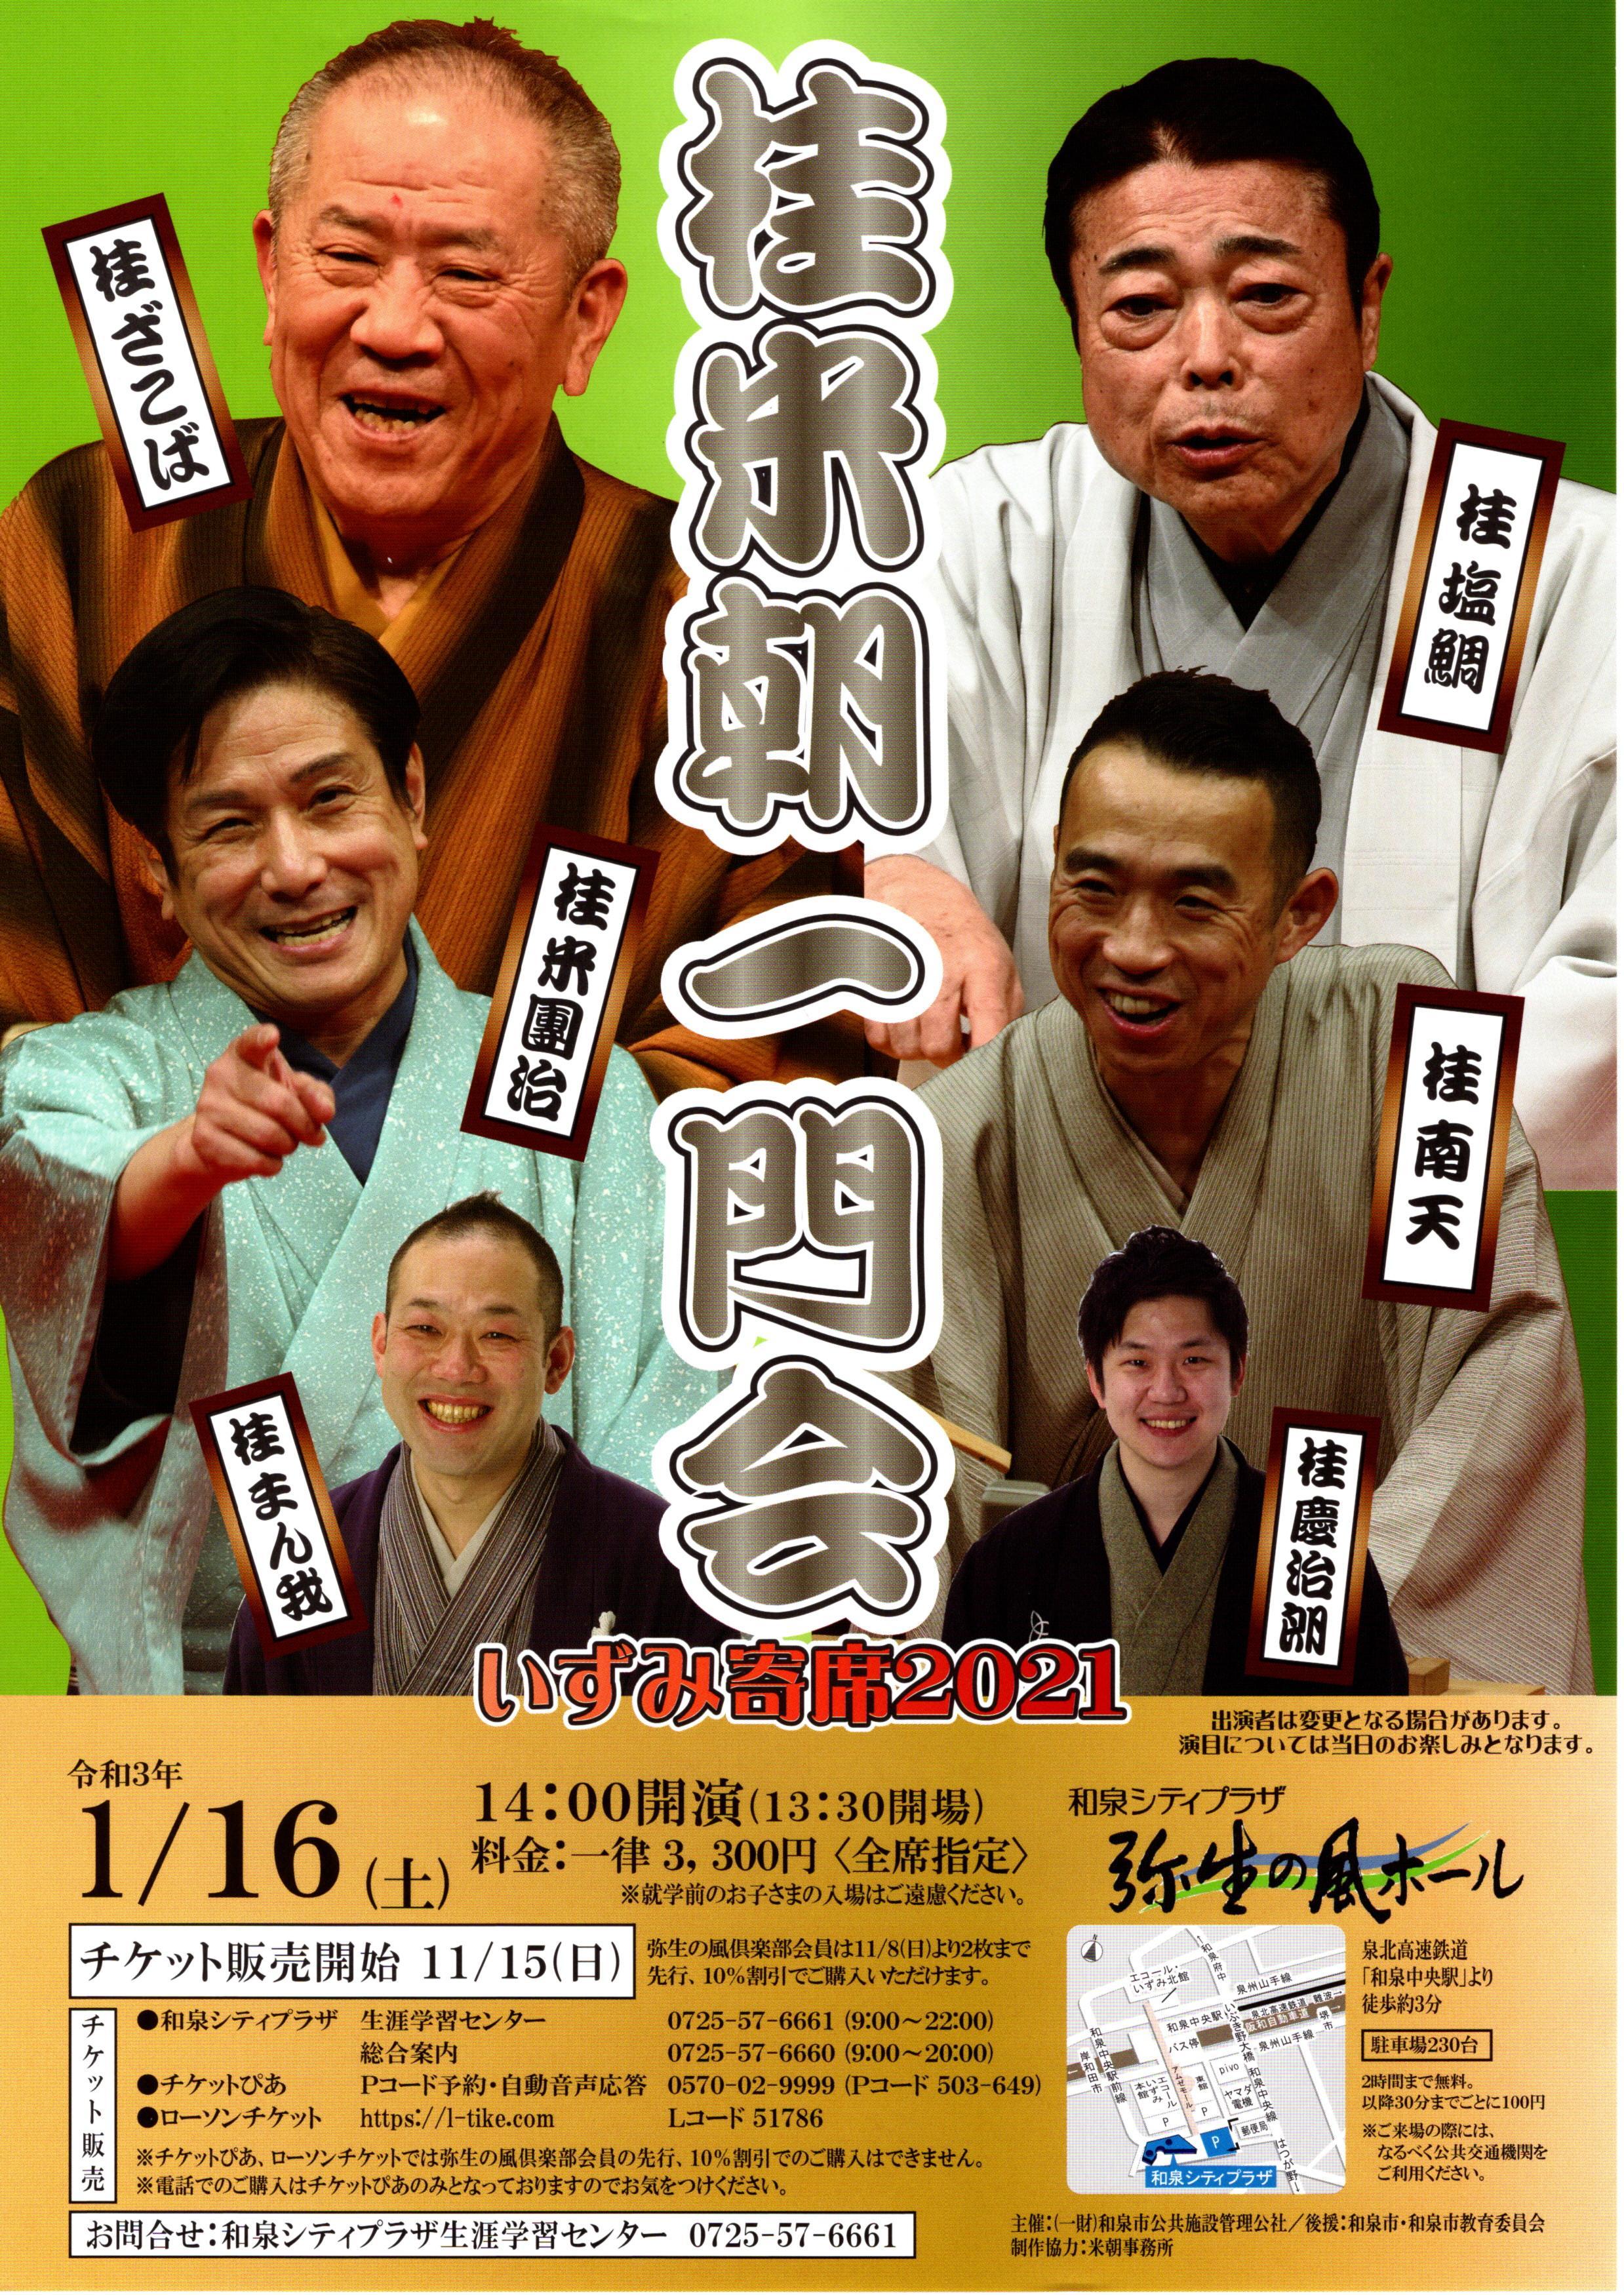 【終了】2021年1月16日(土)いずみ寄席2021 桂米朝一門会